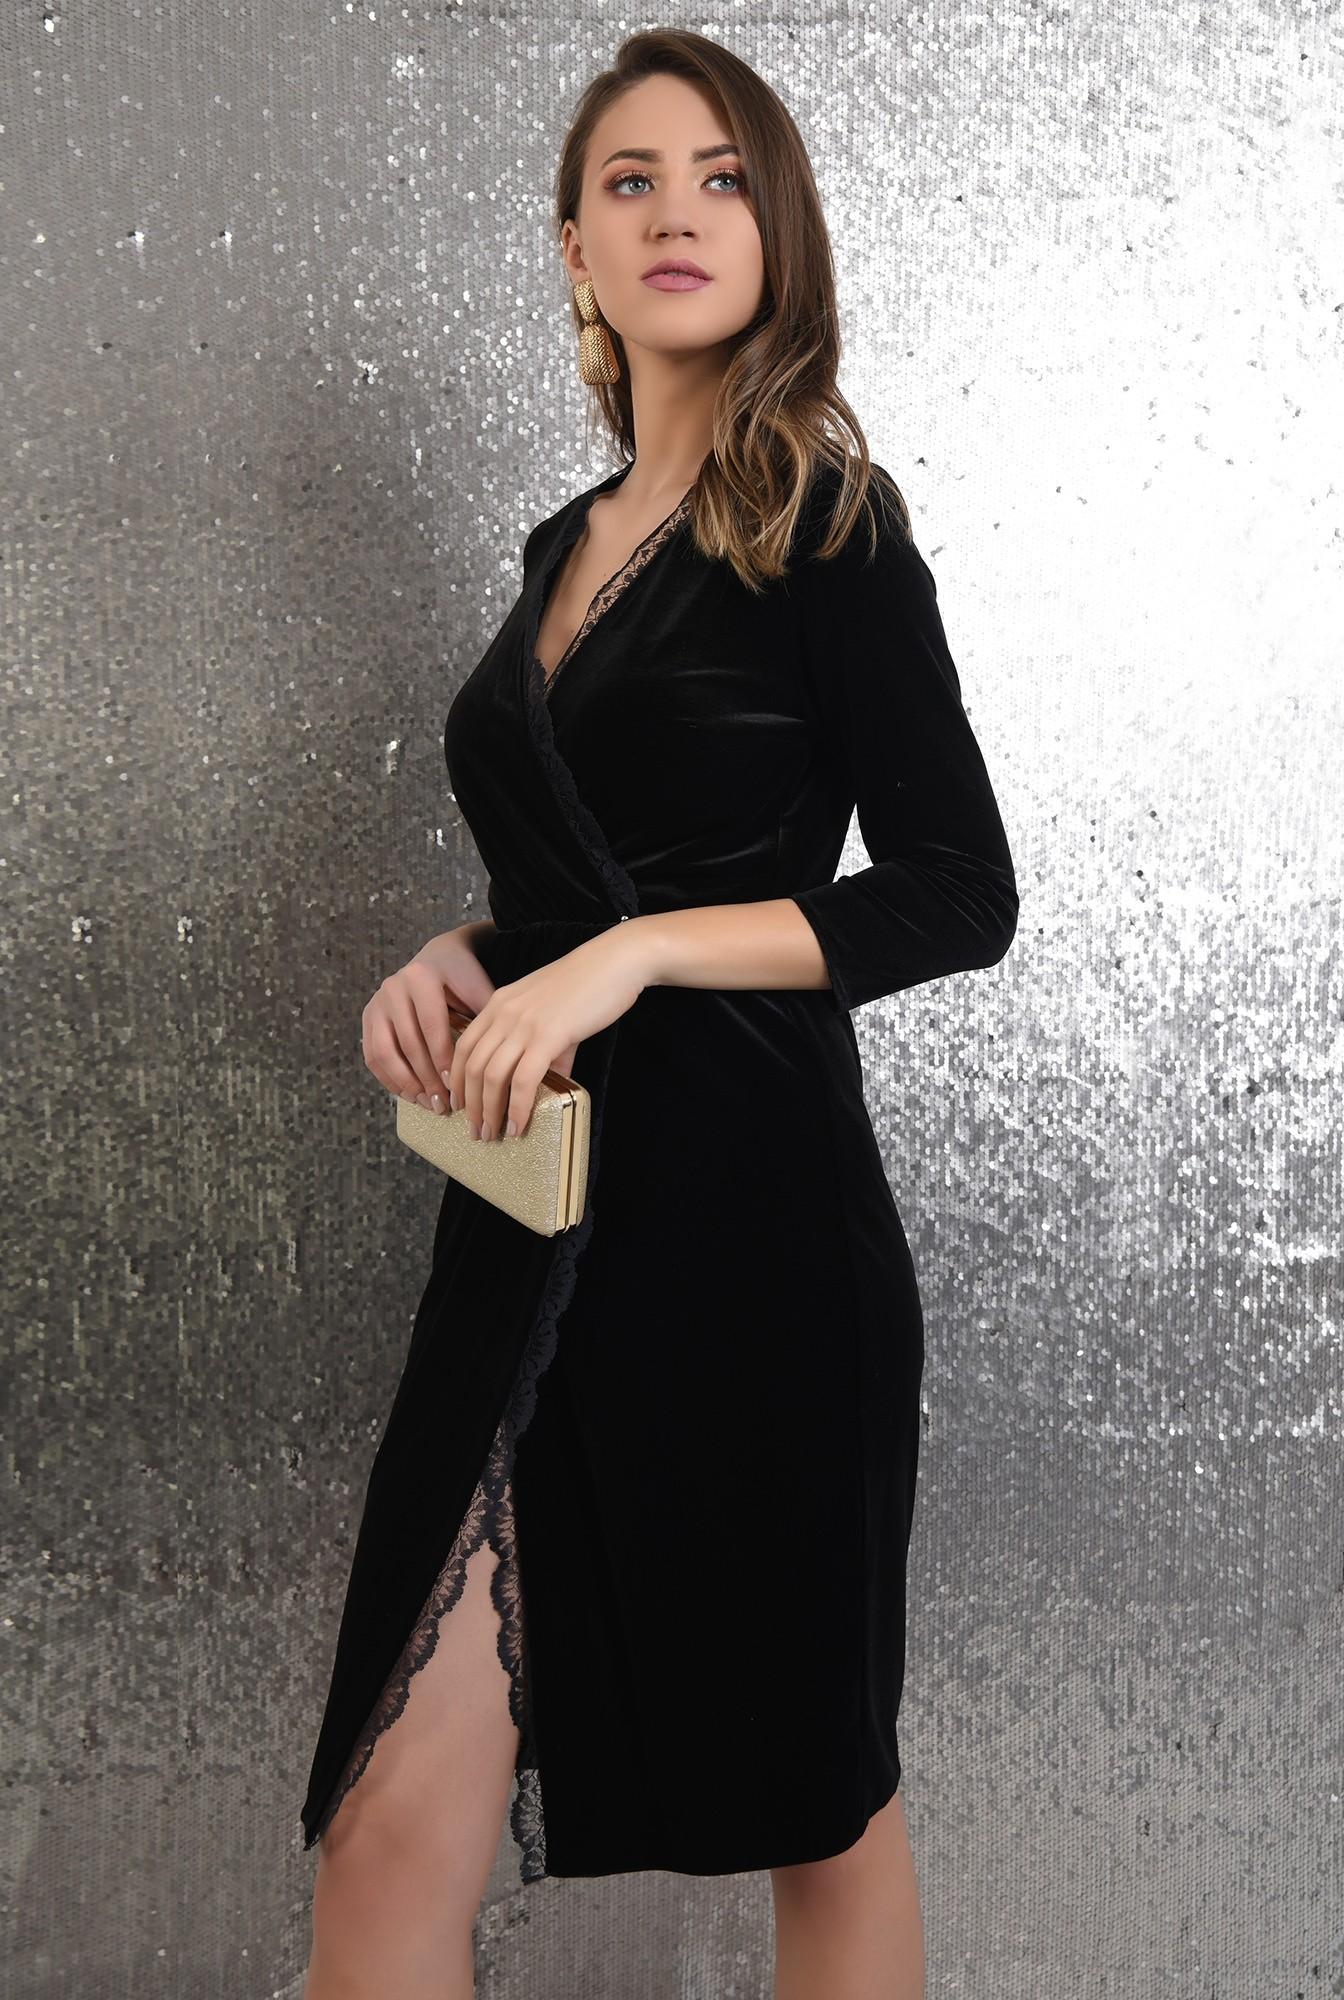 0 - rochie eleganta, conica, petrecuta, din catifea, cu dantela